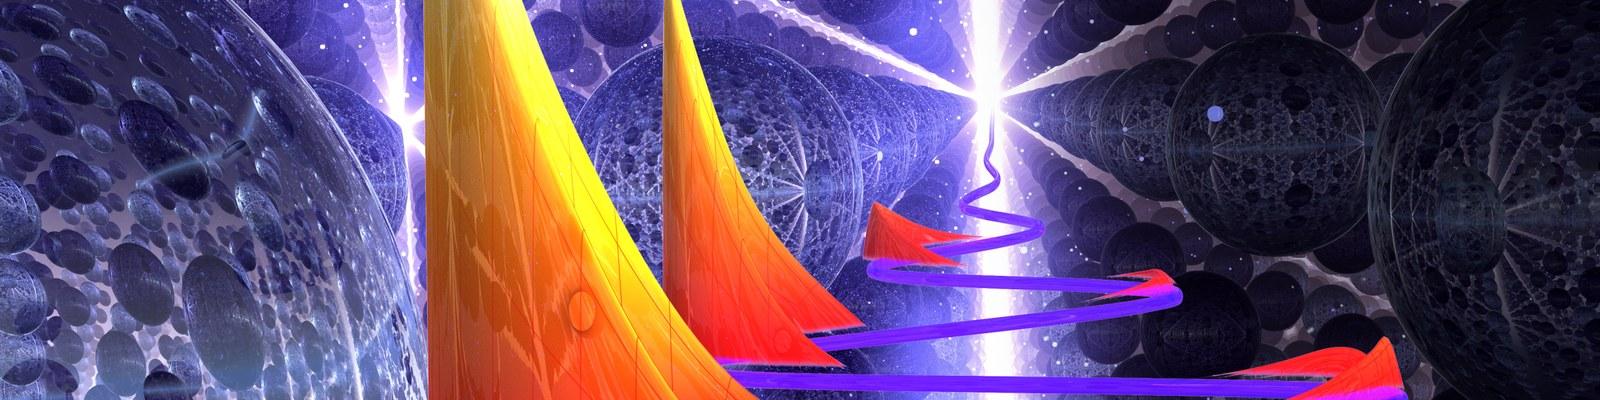 Zeitliche Struktur von Hohen Harmonischen in Halbleiterkristallen